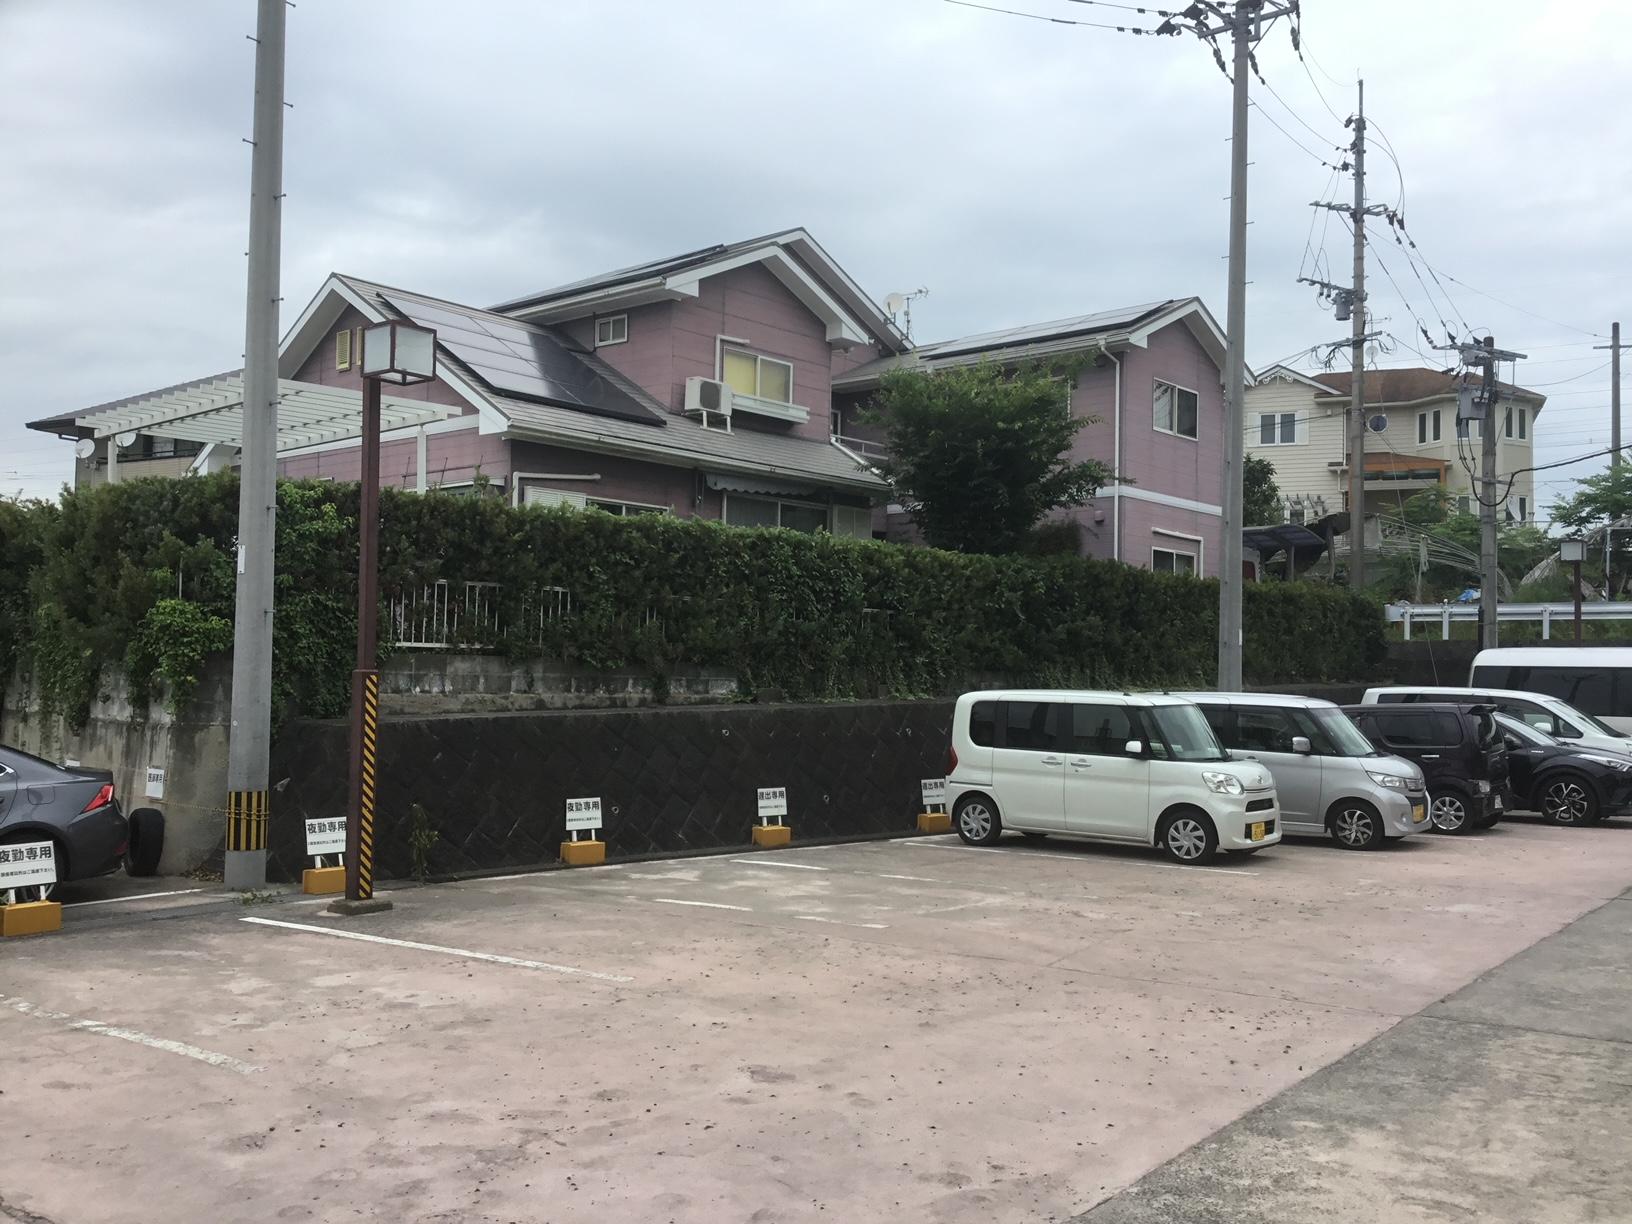 福岡トーヨー 大牟田店の目隠しフェンスと花粉症対策の施工前の写真1